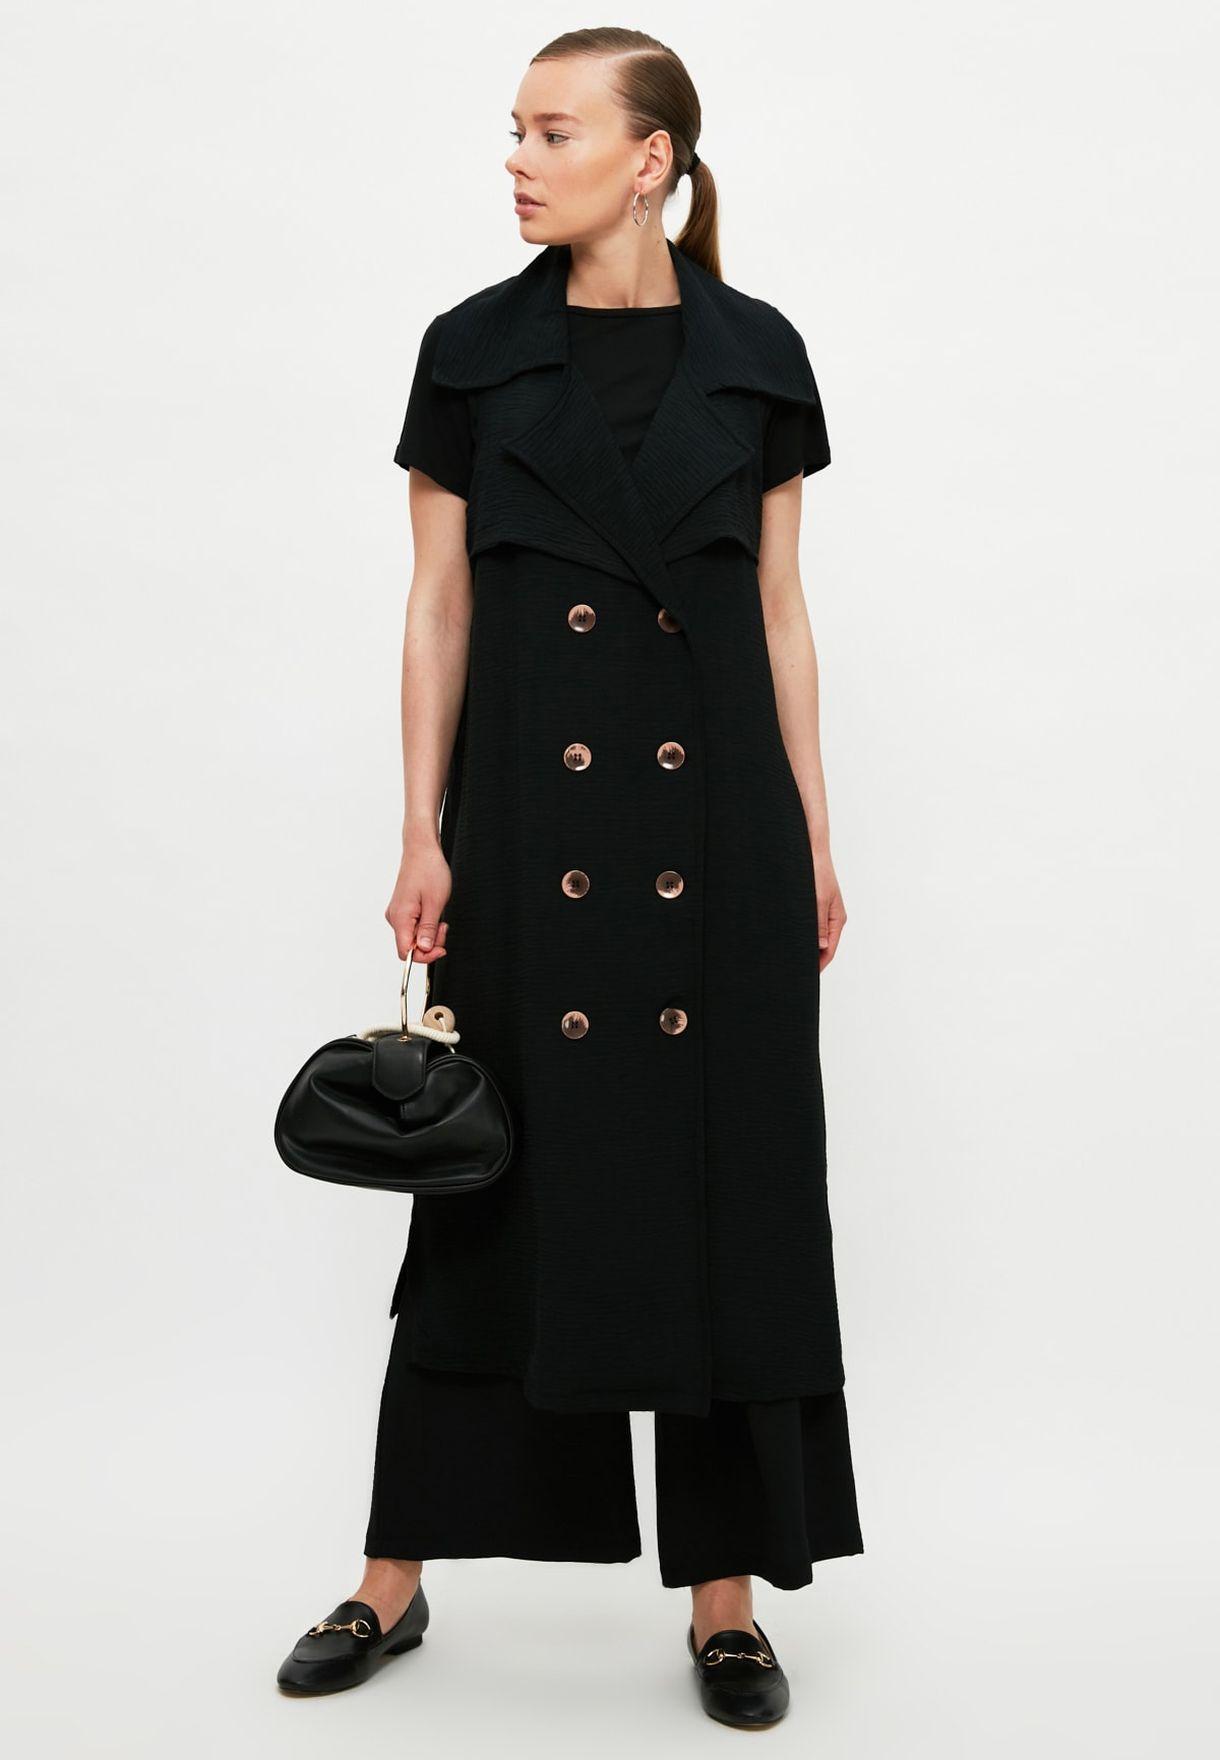 Lace Up Detail Longline Coat